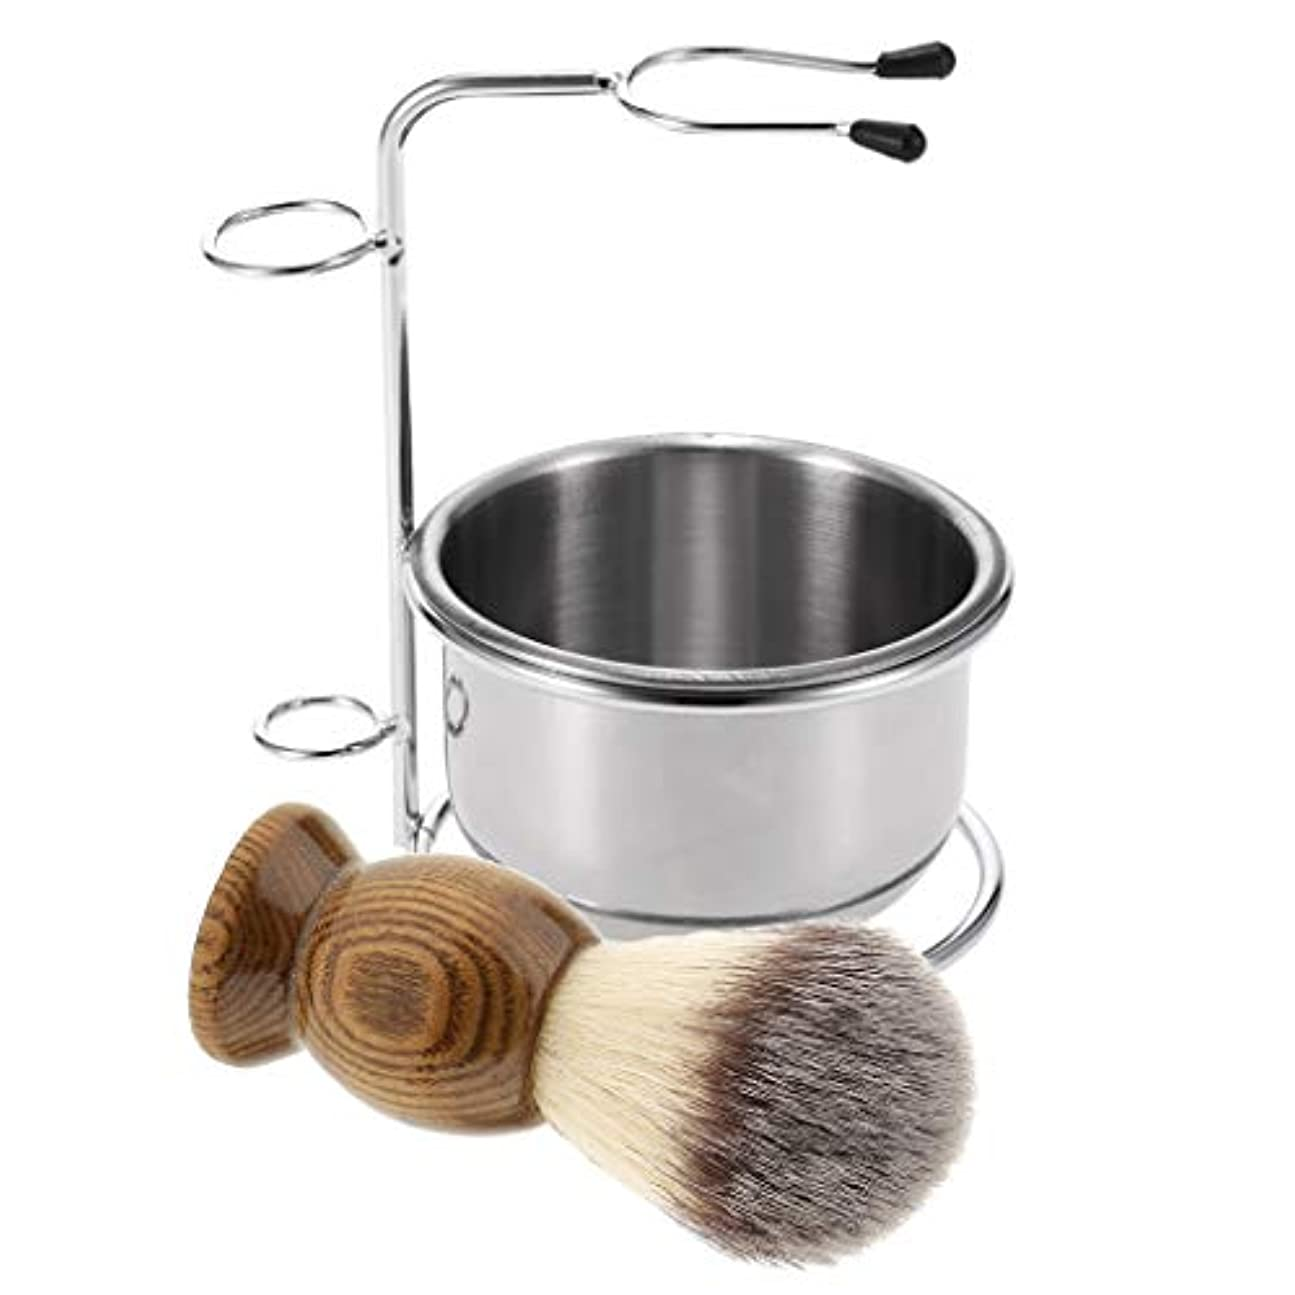 意図悲劇違うsharprepublic ブラシホルダー サロン 髭剃り シェービングキット 金属製ボウル シェービングブラシ 実用性